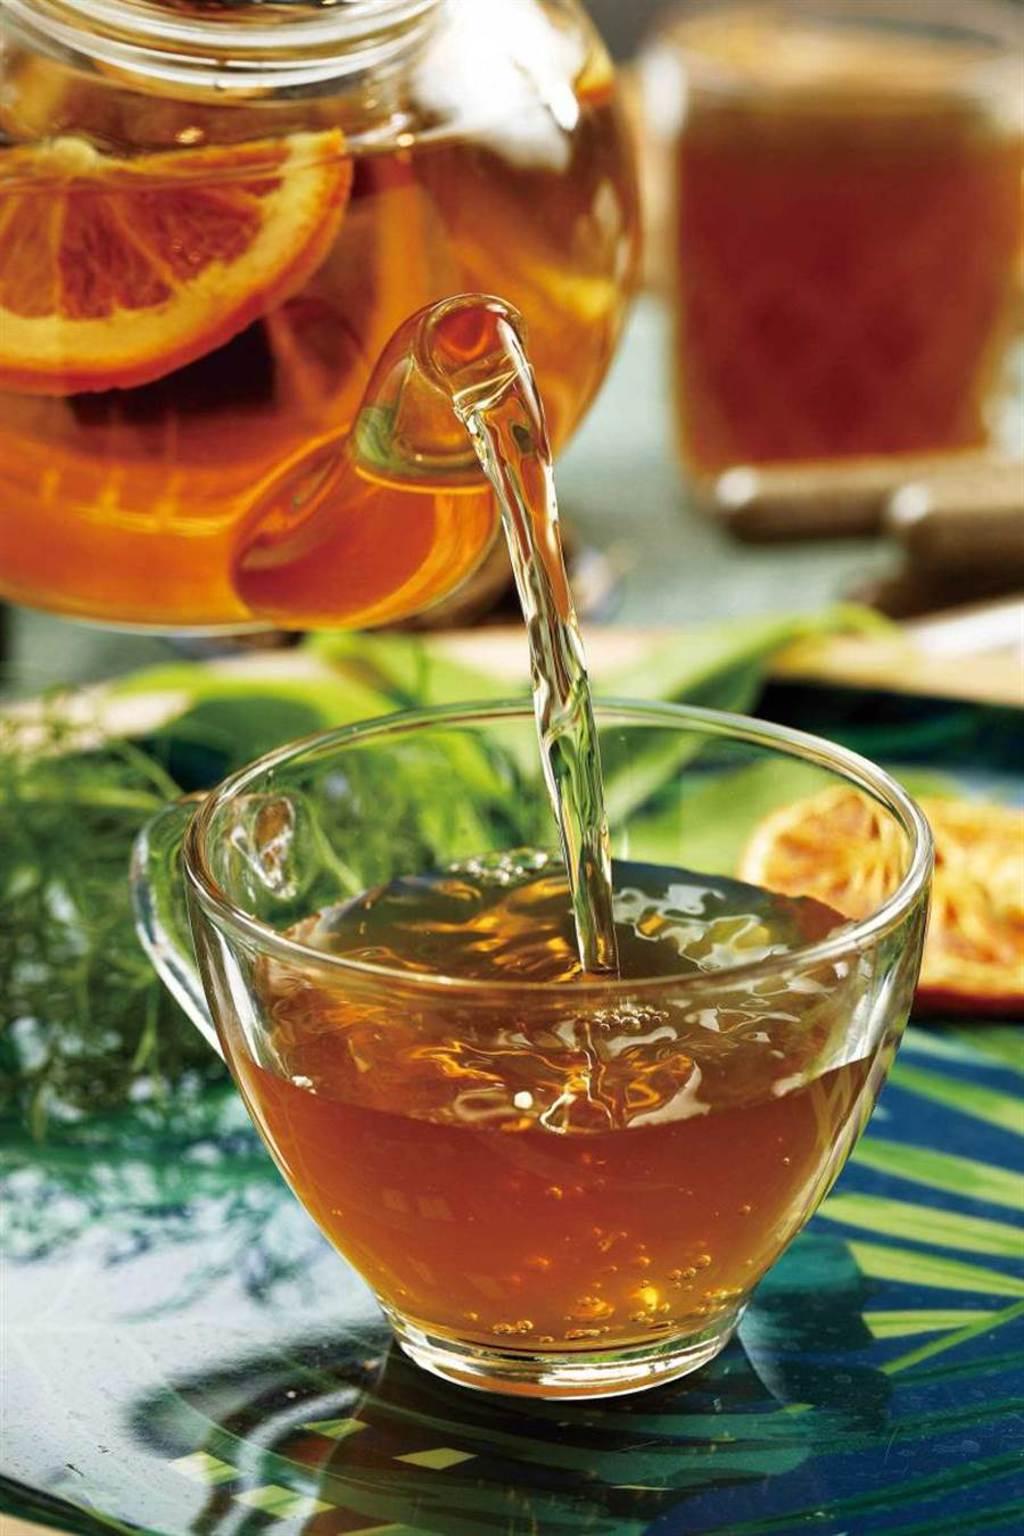 「消油膩果香茶」結合果乾風味,喝起來清新酸甜,後韻迷人。(130元)(圖/于魯光攝)